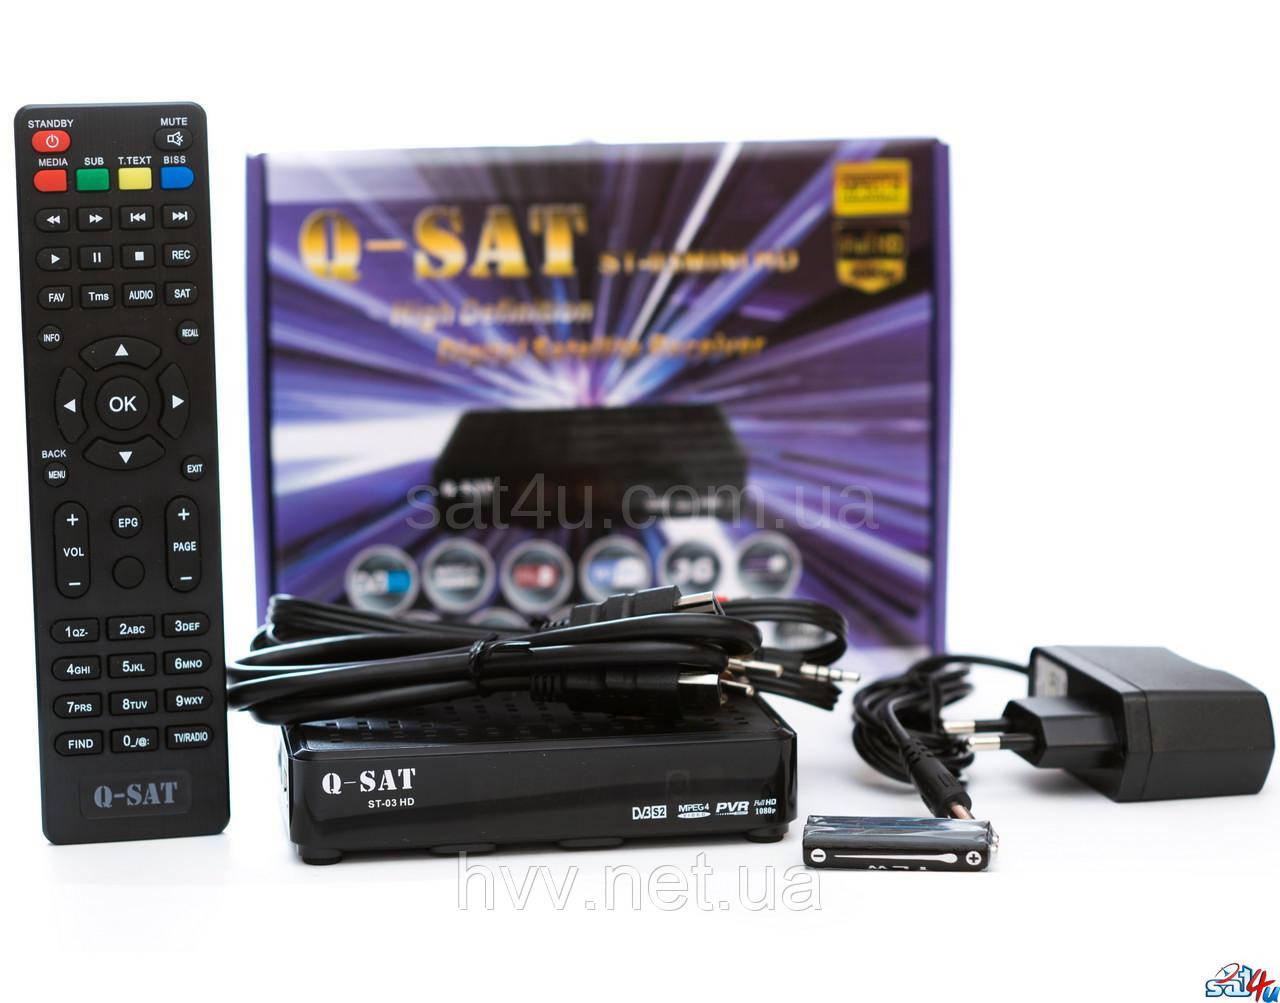 Q-03 mini HD \ U2C mini base K0S 2017 (USB Wifi)